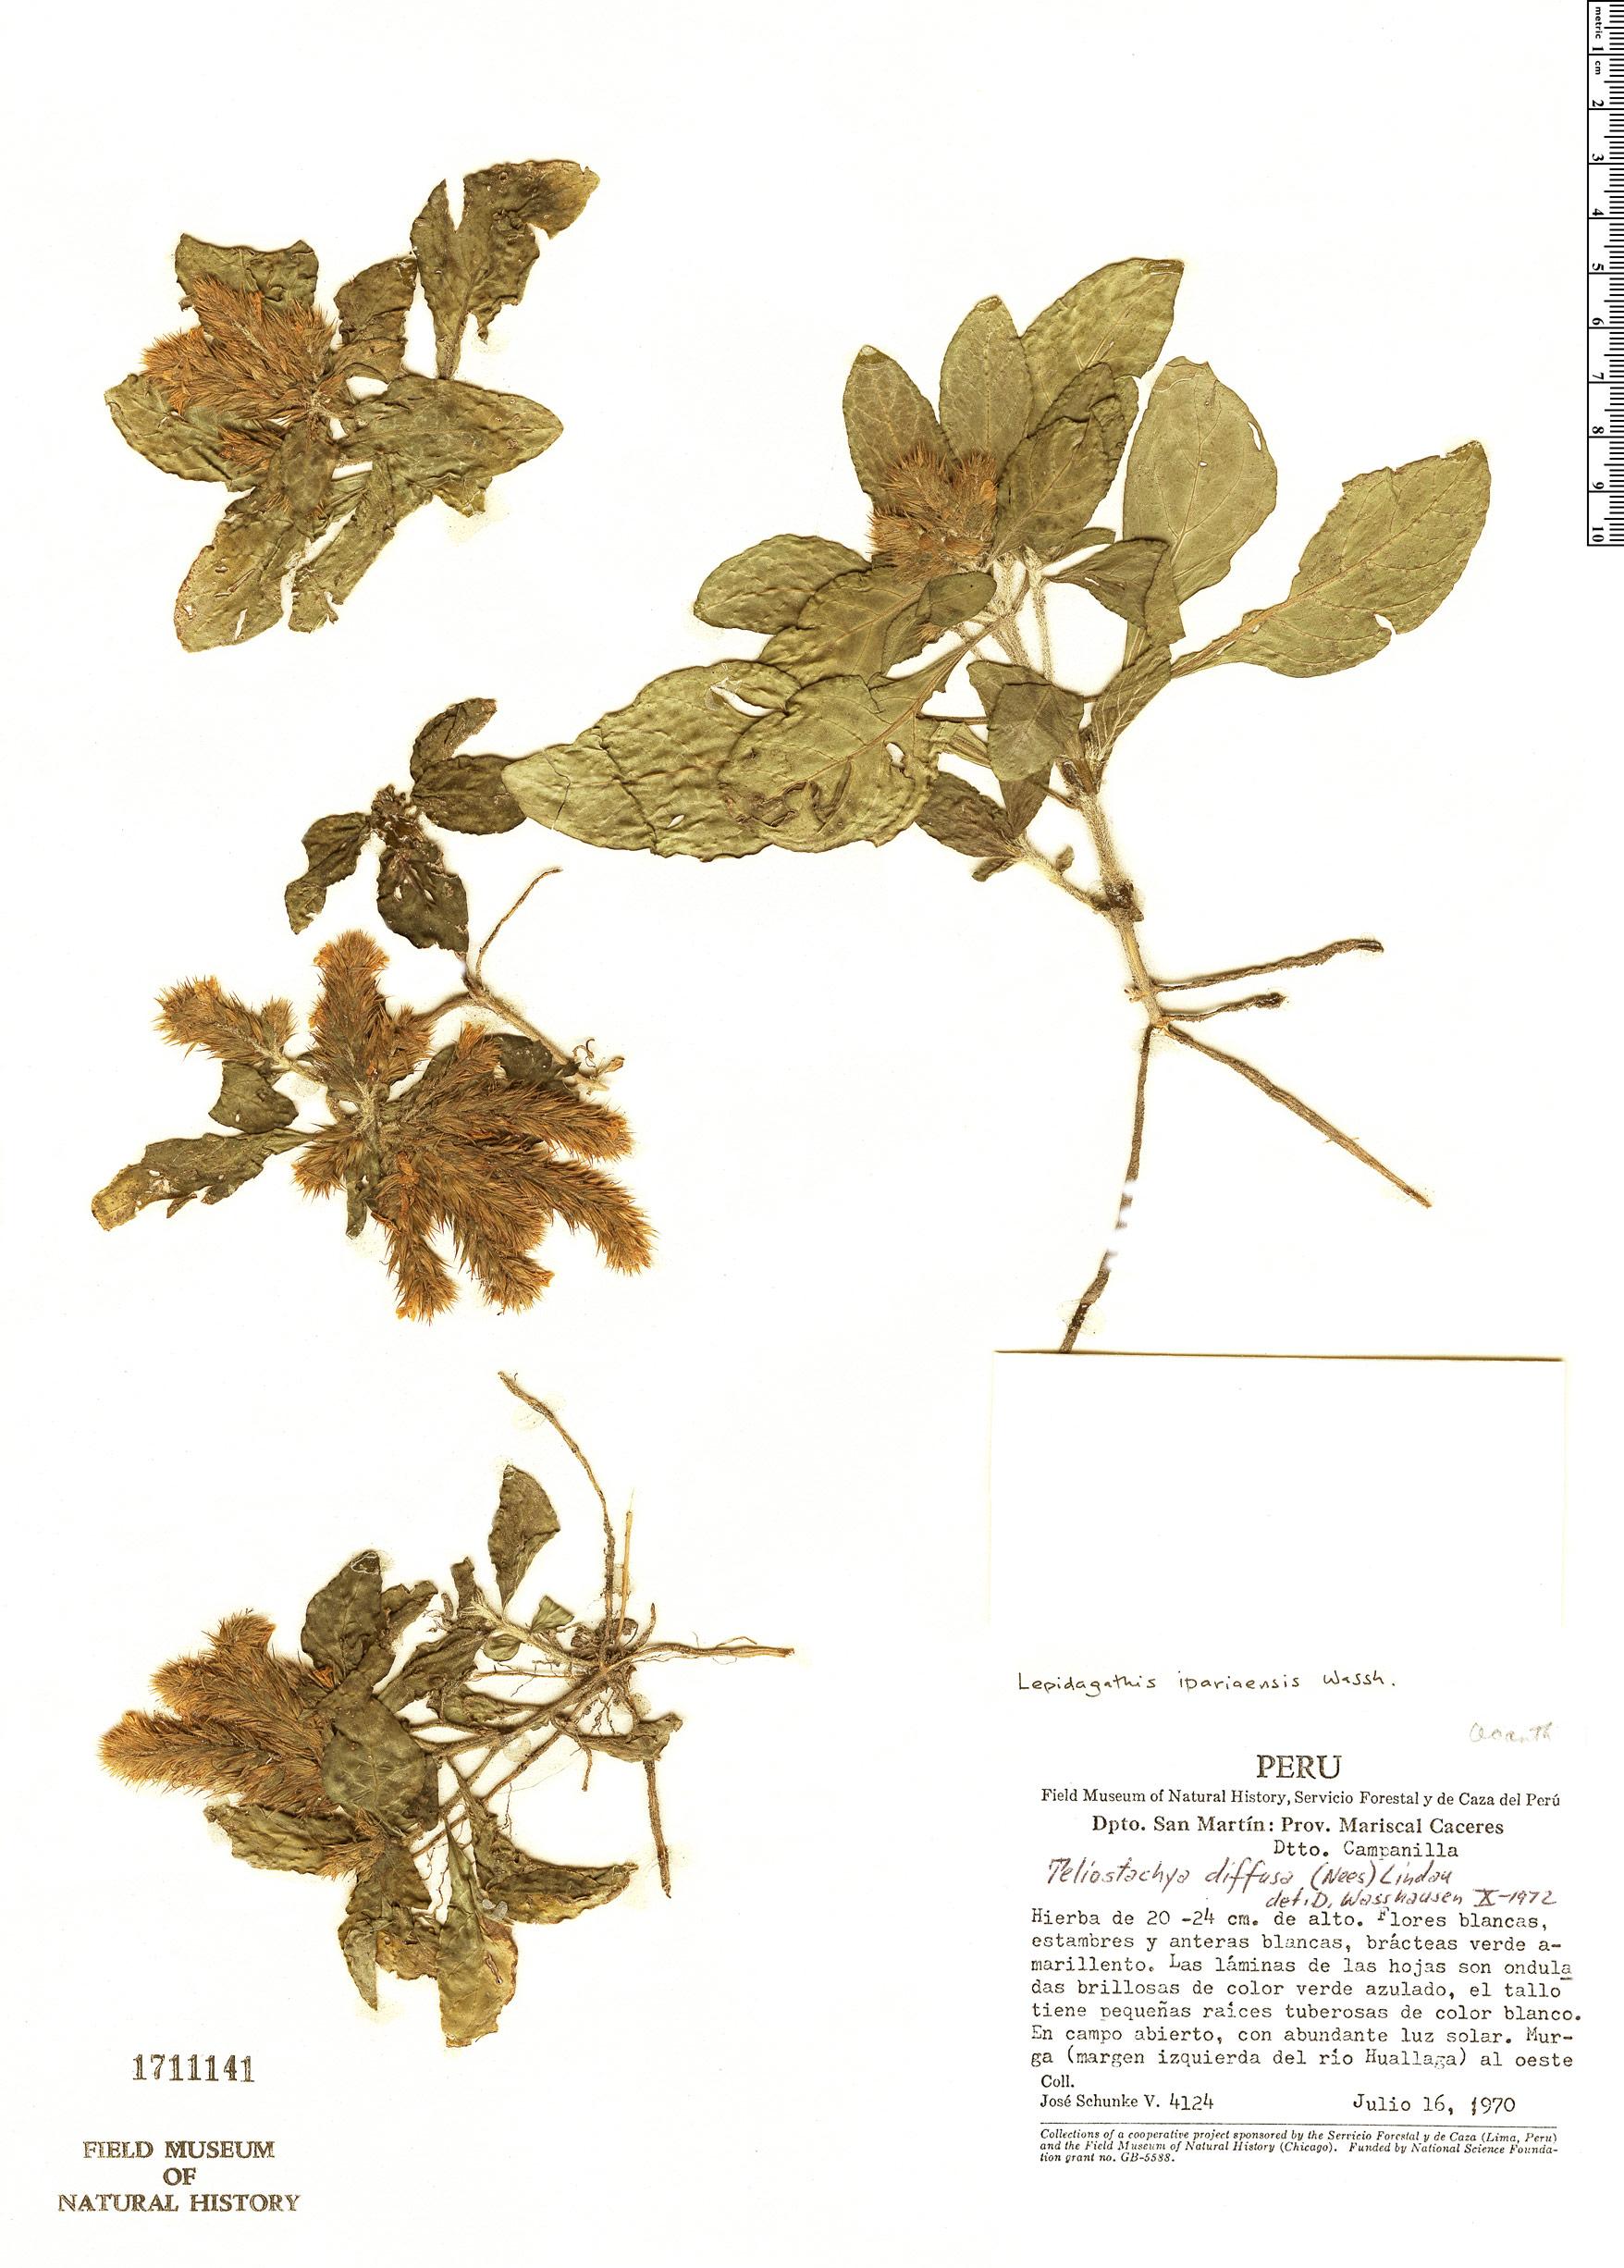 Specimen: Lepidagathis ipariaensis